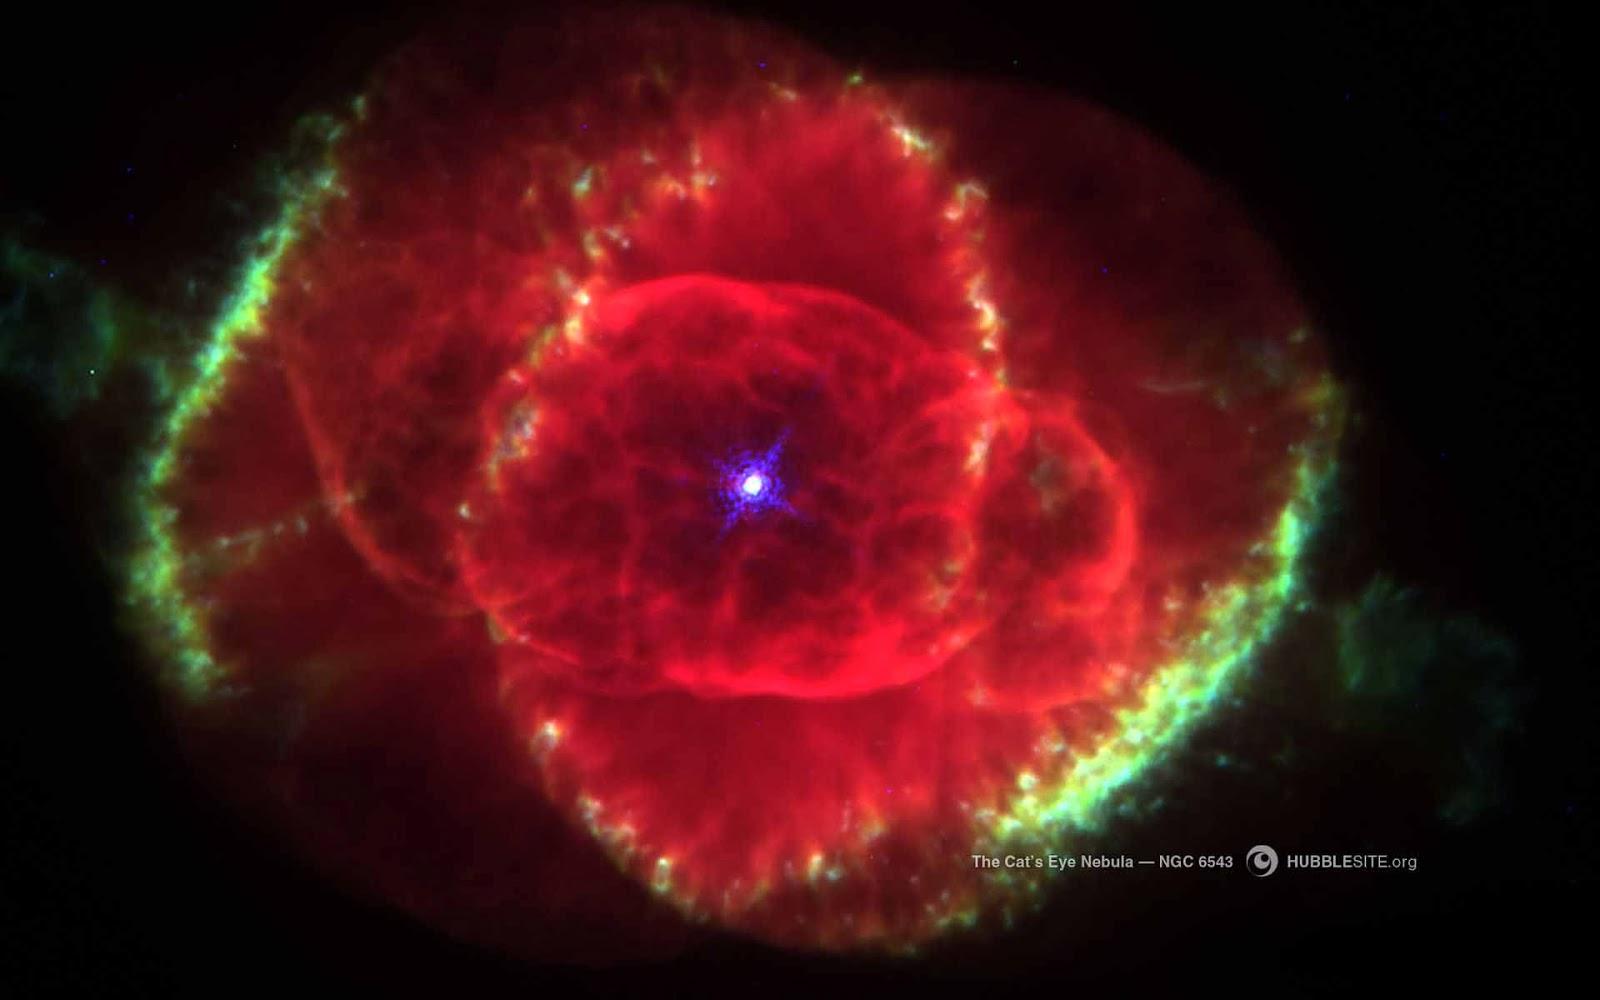 optical illusions hd wallpaper nebula - photo #10